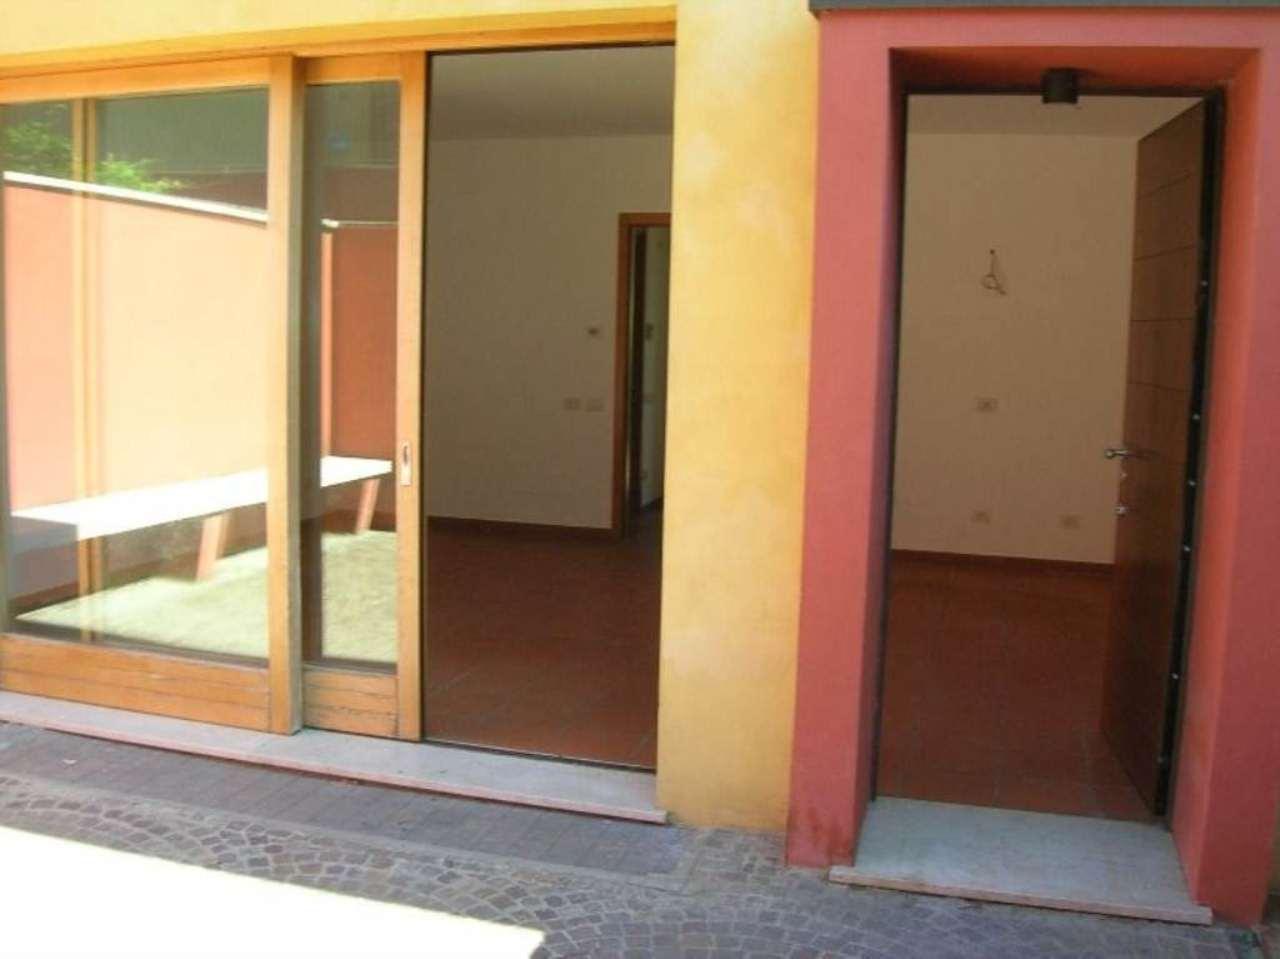 Soluzione Indipendente in vendita a Cazzago San Martino, 3 locali, prezzo € 118.000 | Cambio Casa.it